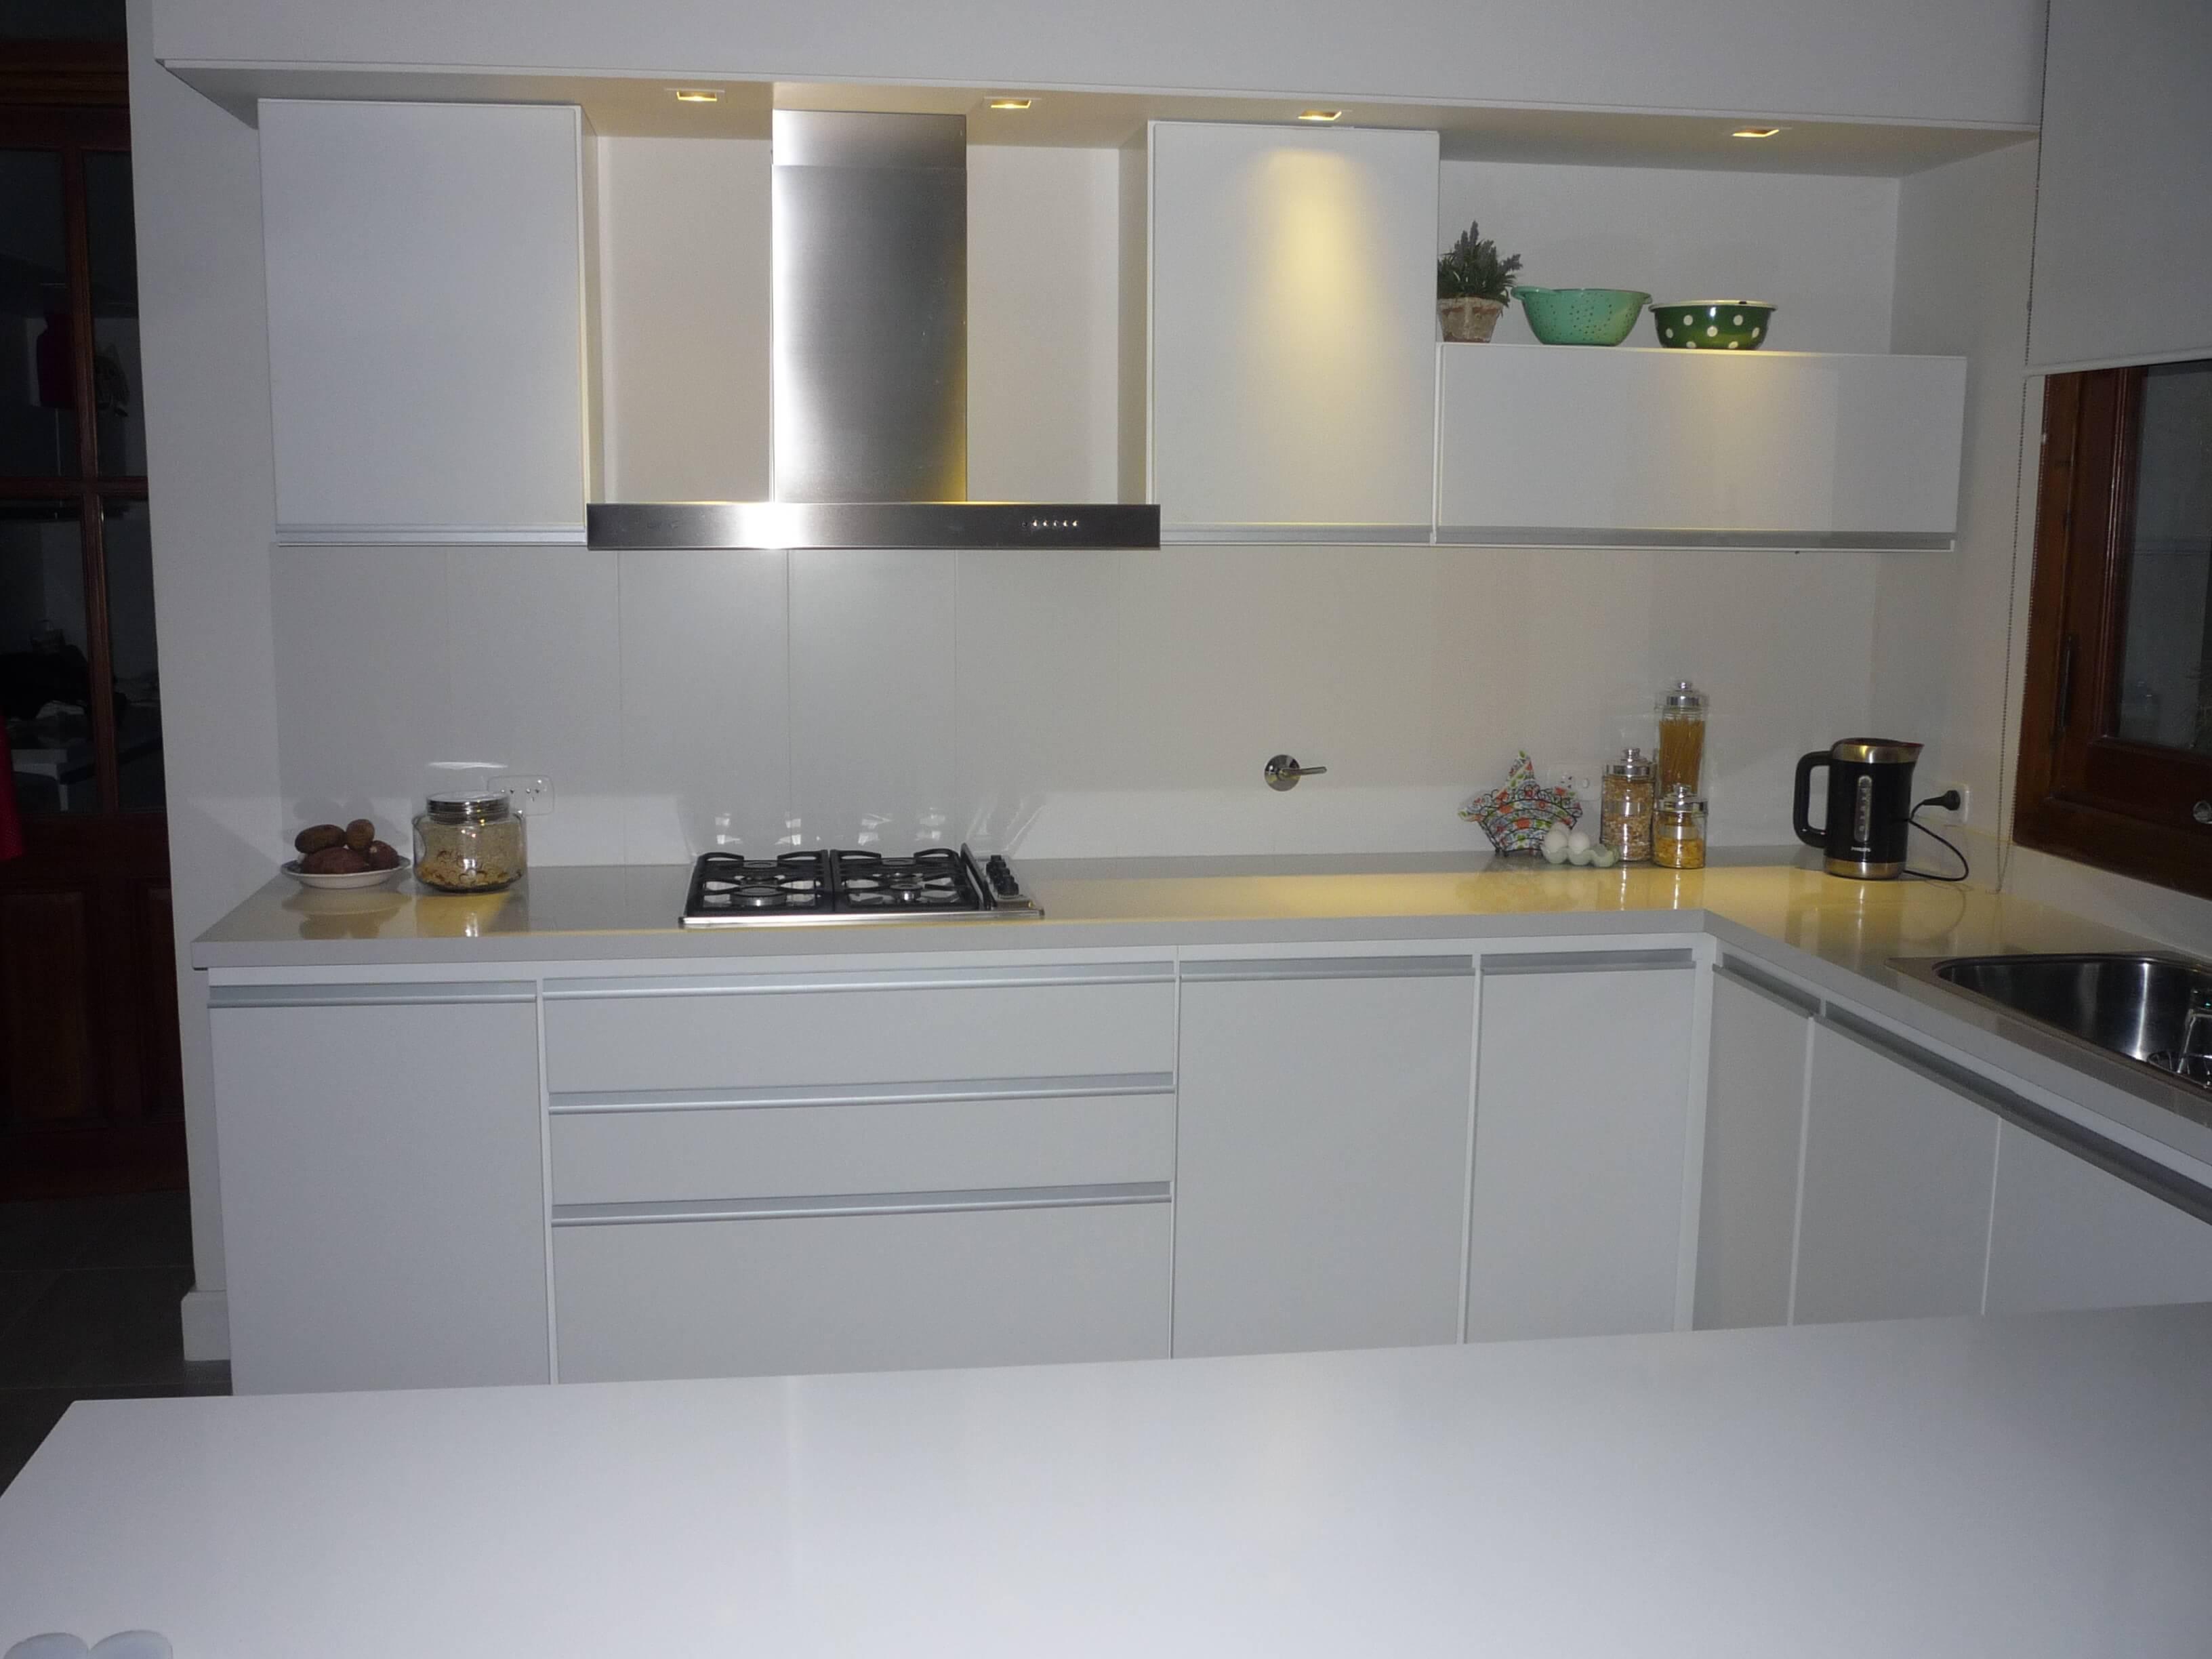 Muebles De Cocina Sanitarios Independencia # Muebles Vanitorios